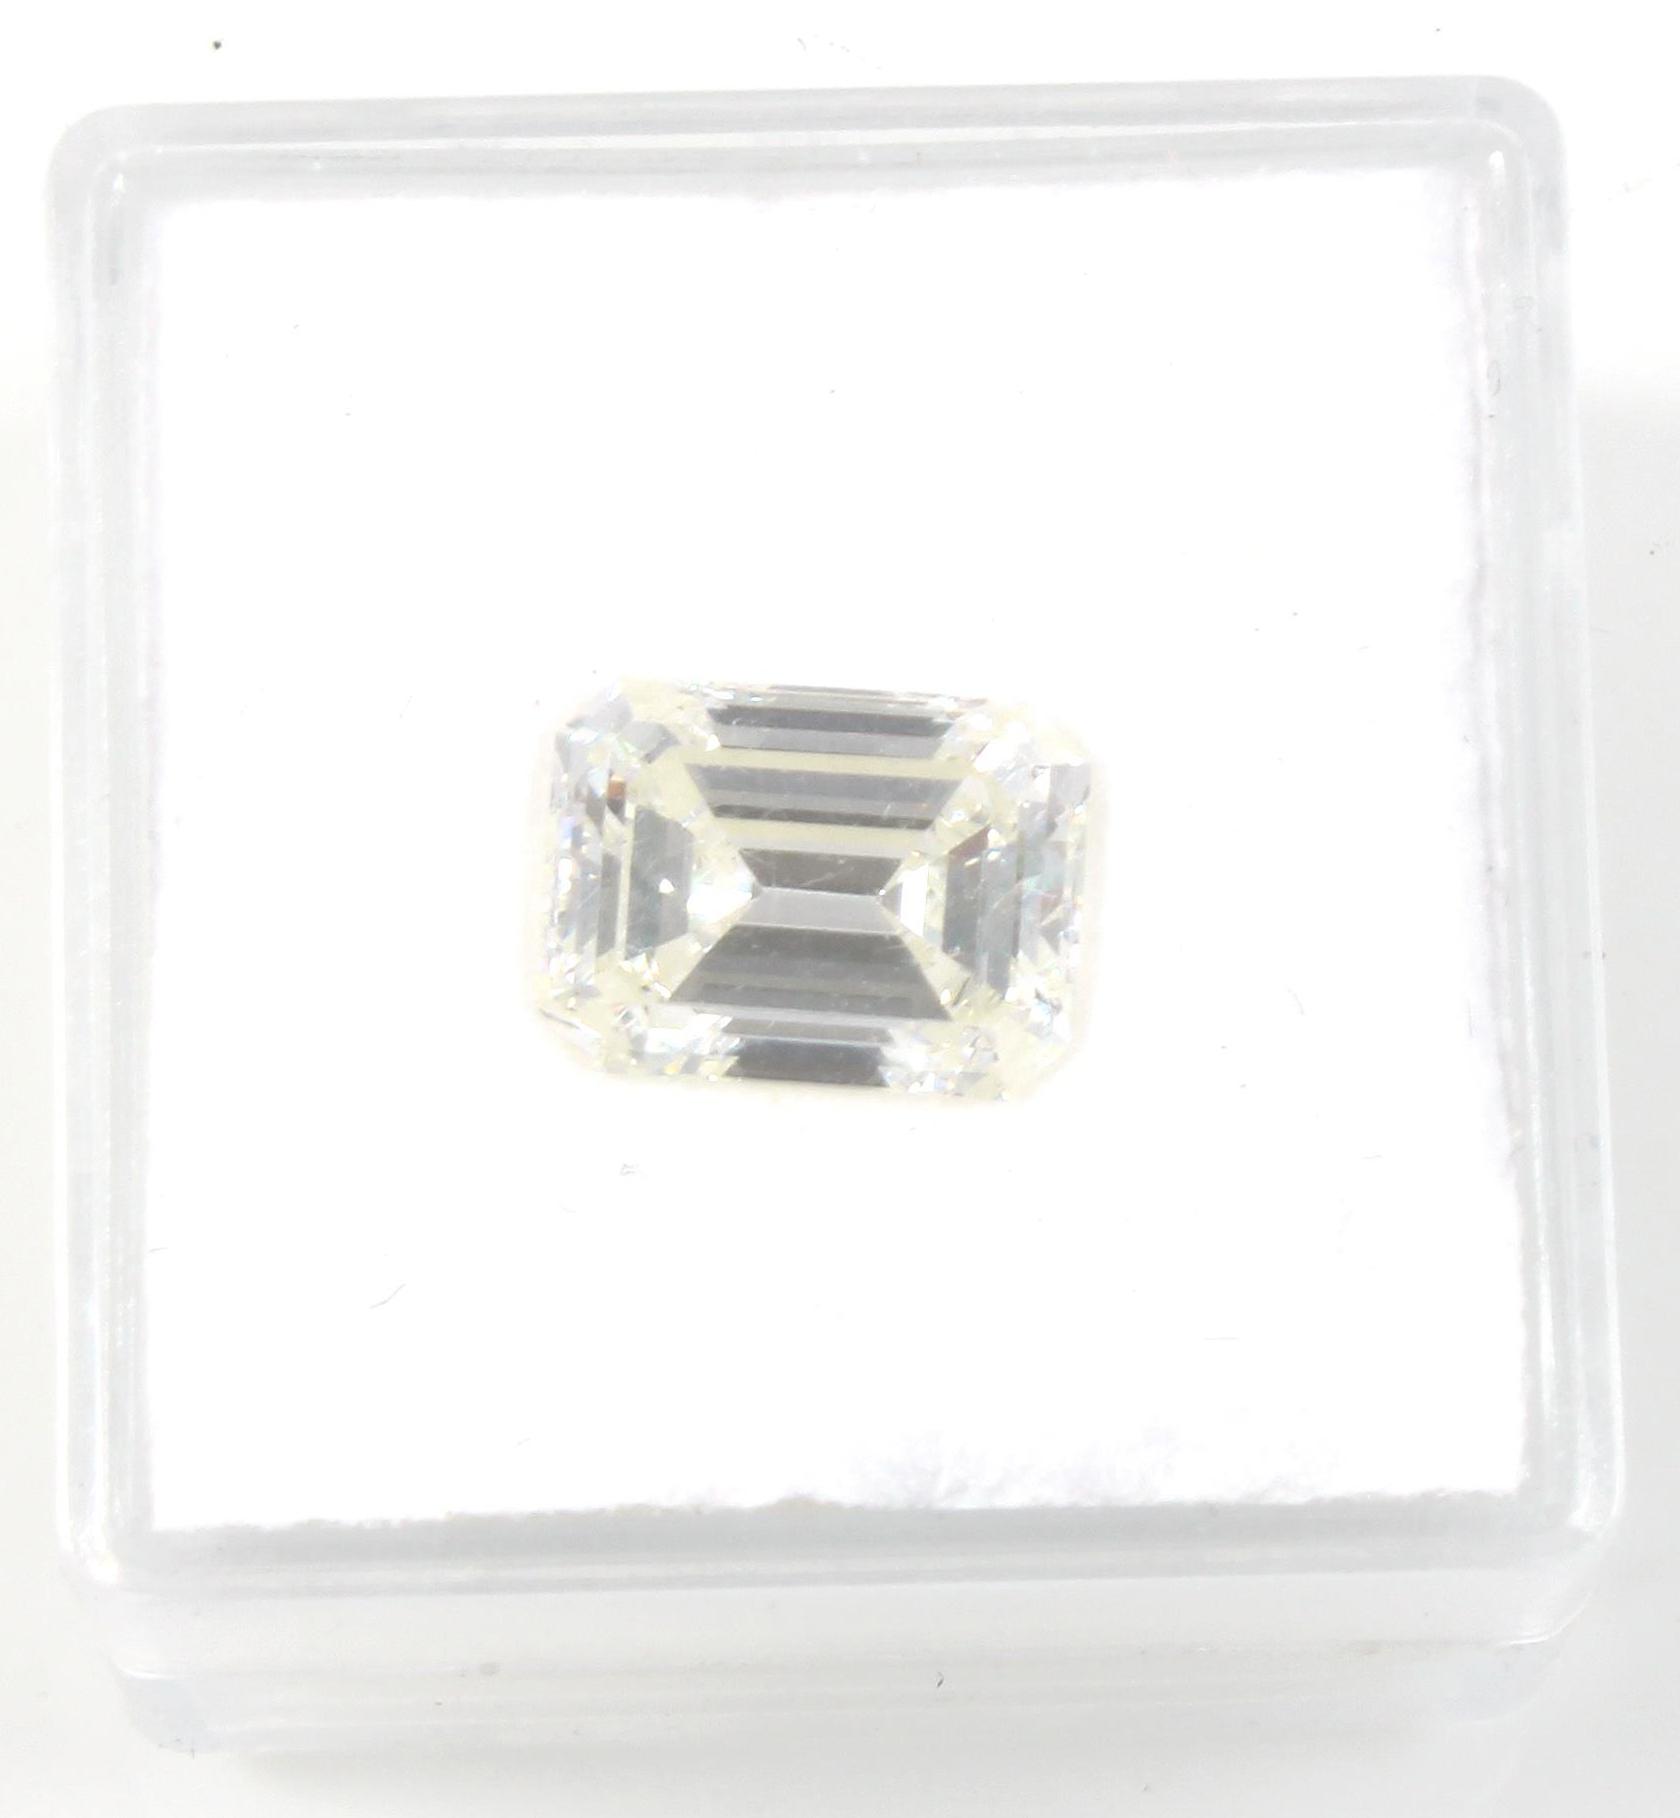 Loser Diamant 3,07 ct